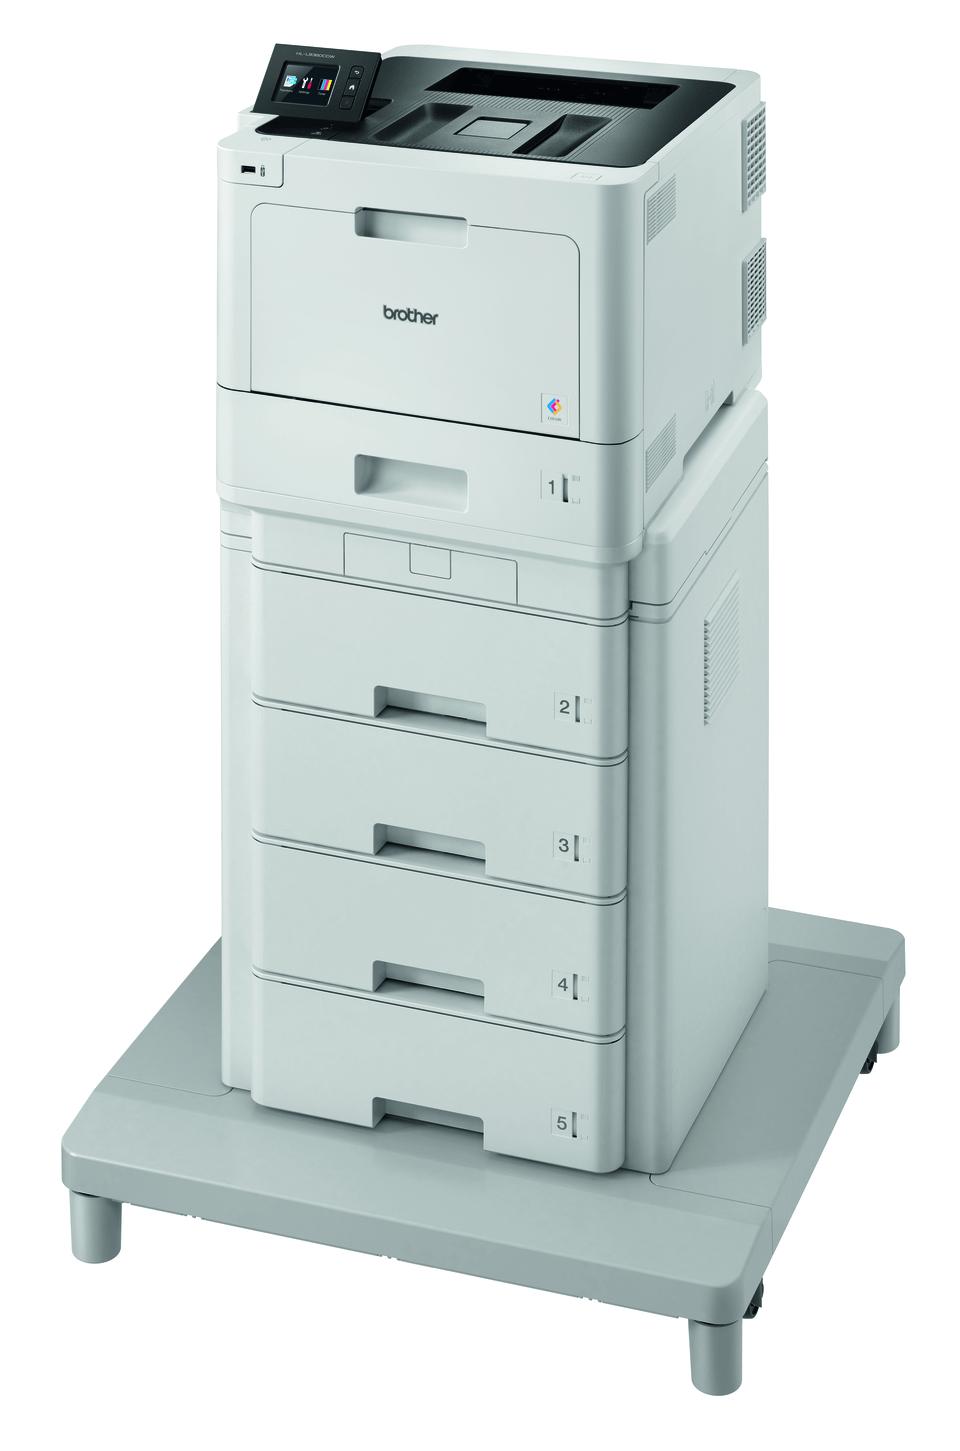 Brother HL-L8360CDWMT profesionāls krāsu, abpusējas drukas, bezvadu tīkla lāzerdrukas printeris + torņveida padeve + torņveida padeves savienotājs 2